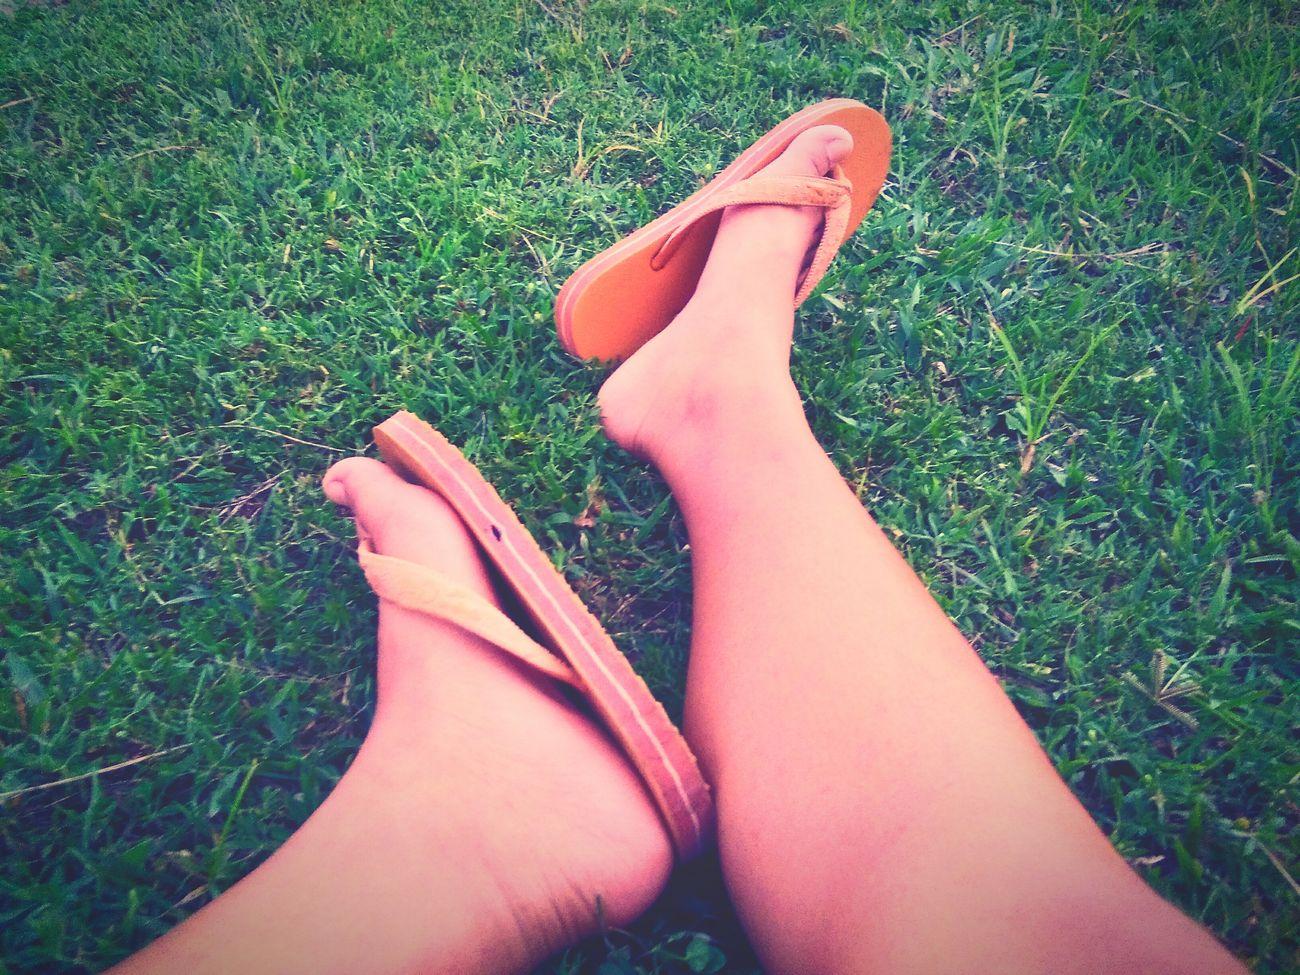 ฉันมีขา สองขาพร้อมที่จะเดินไปข้างหน้า เส้นทางที่ฉันเดินมันคงจะดี ถ้ามีเธอพร้อมเดินไปด้วยกัน